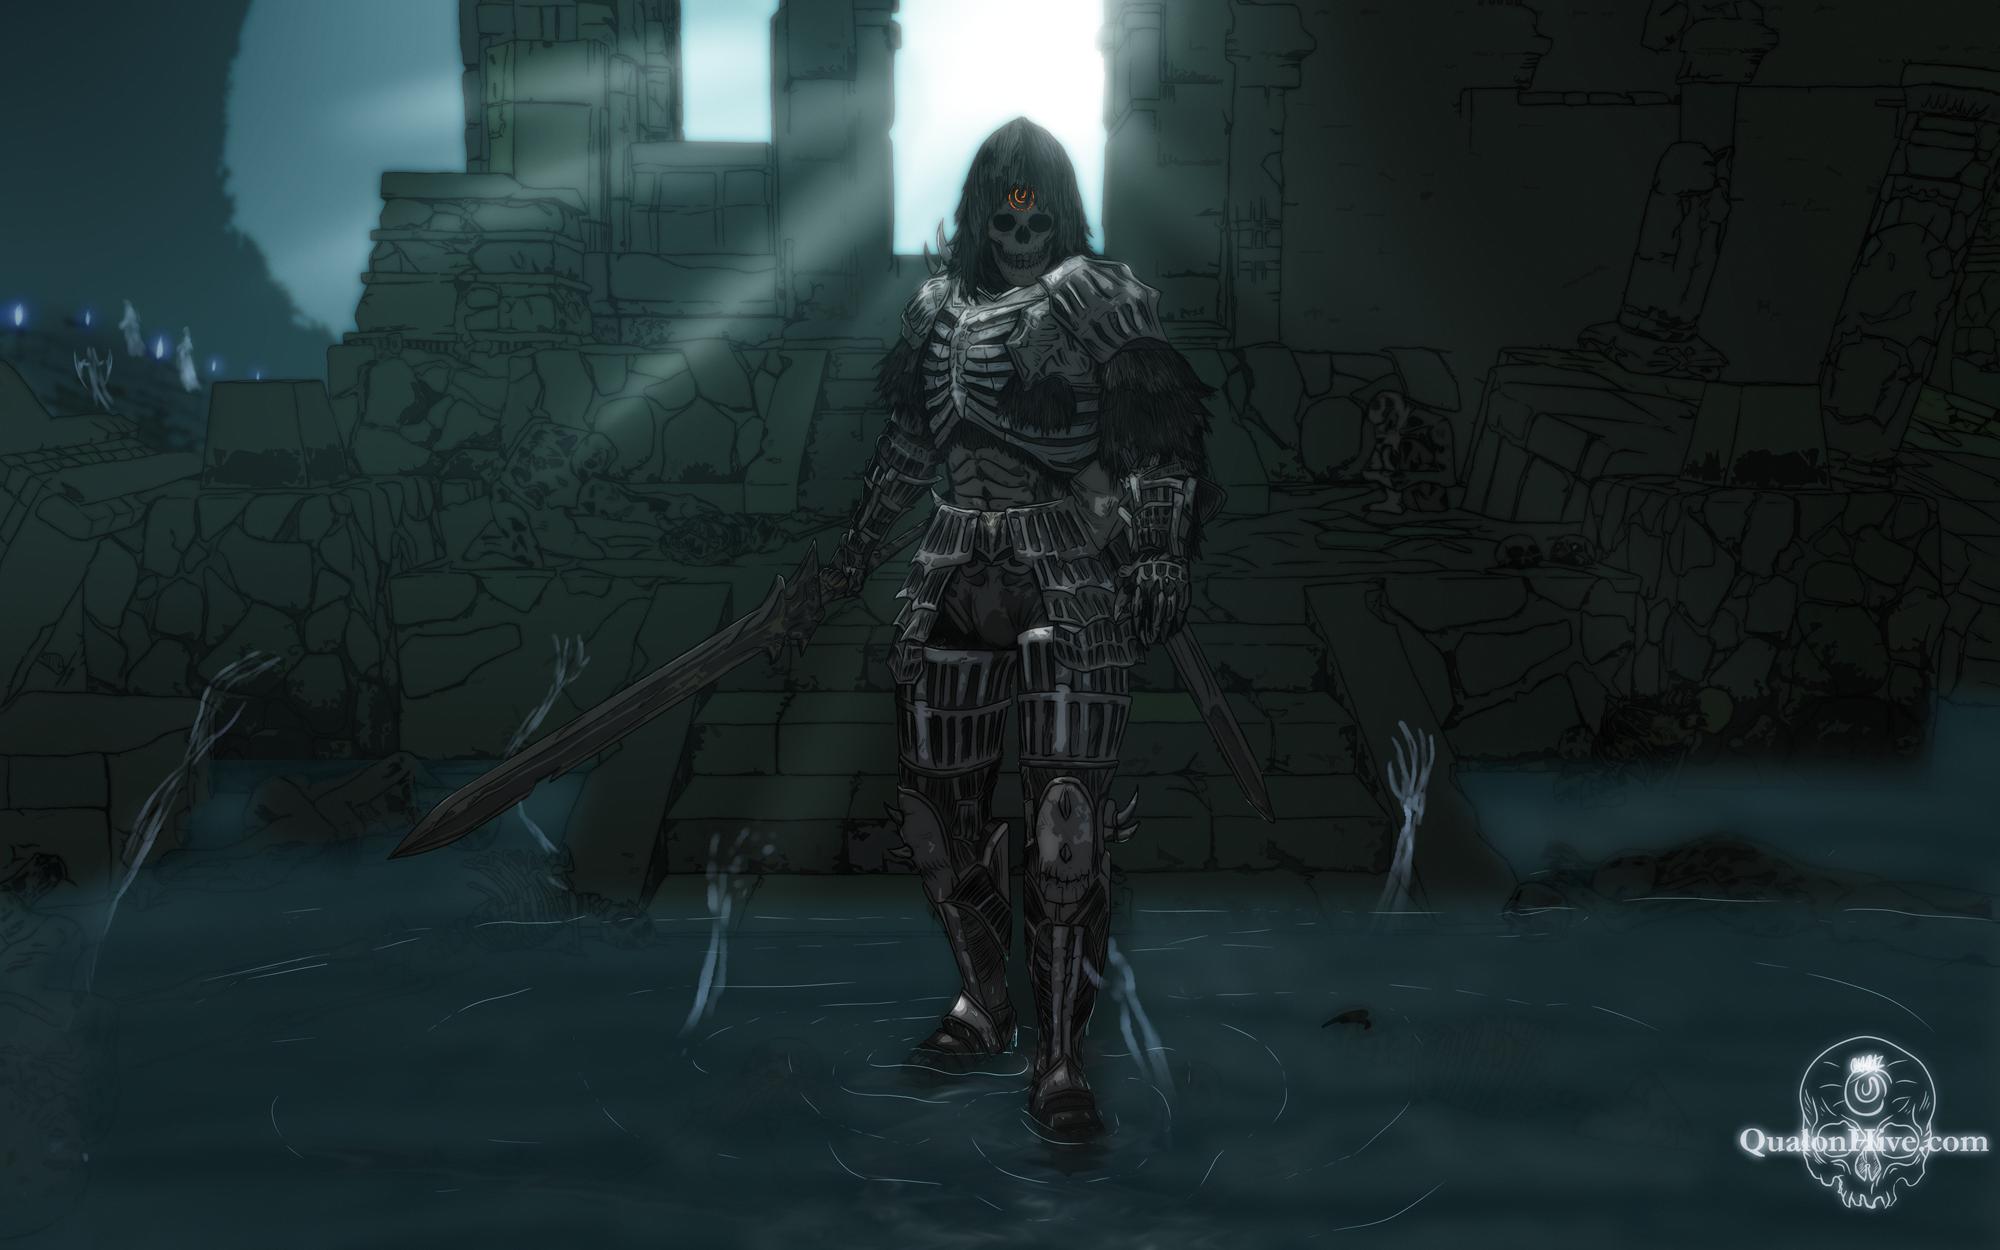 Darkwraith Knight – Header